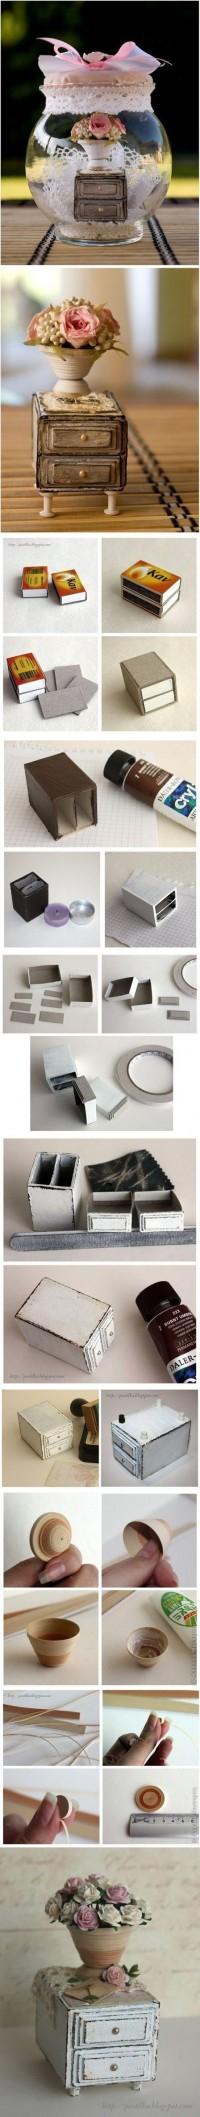 DIY Matchboxes Furniture DIY Projects | UsefulDIY.com